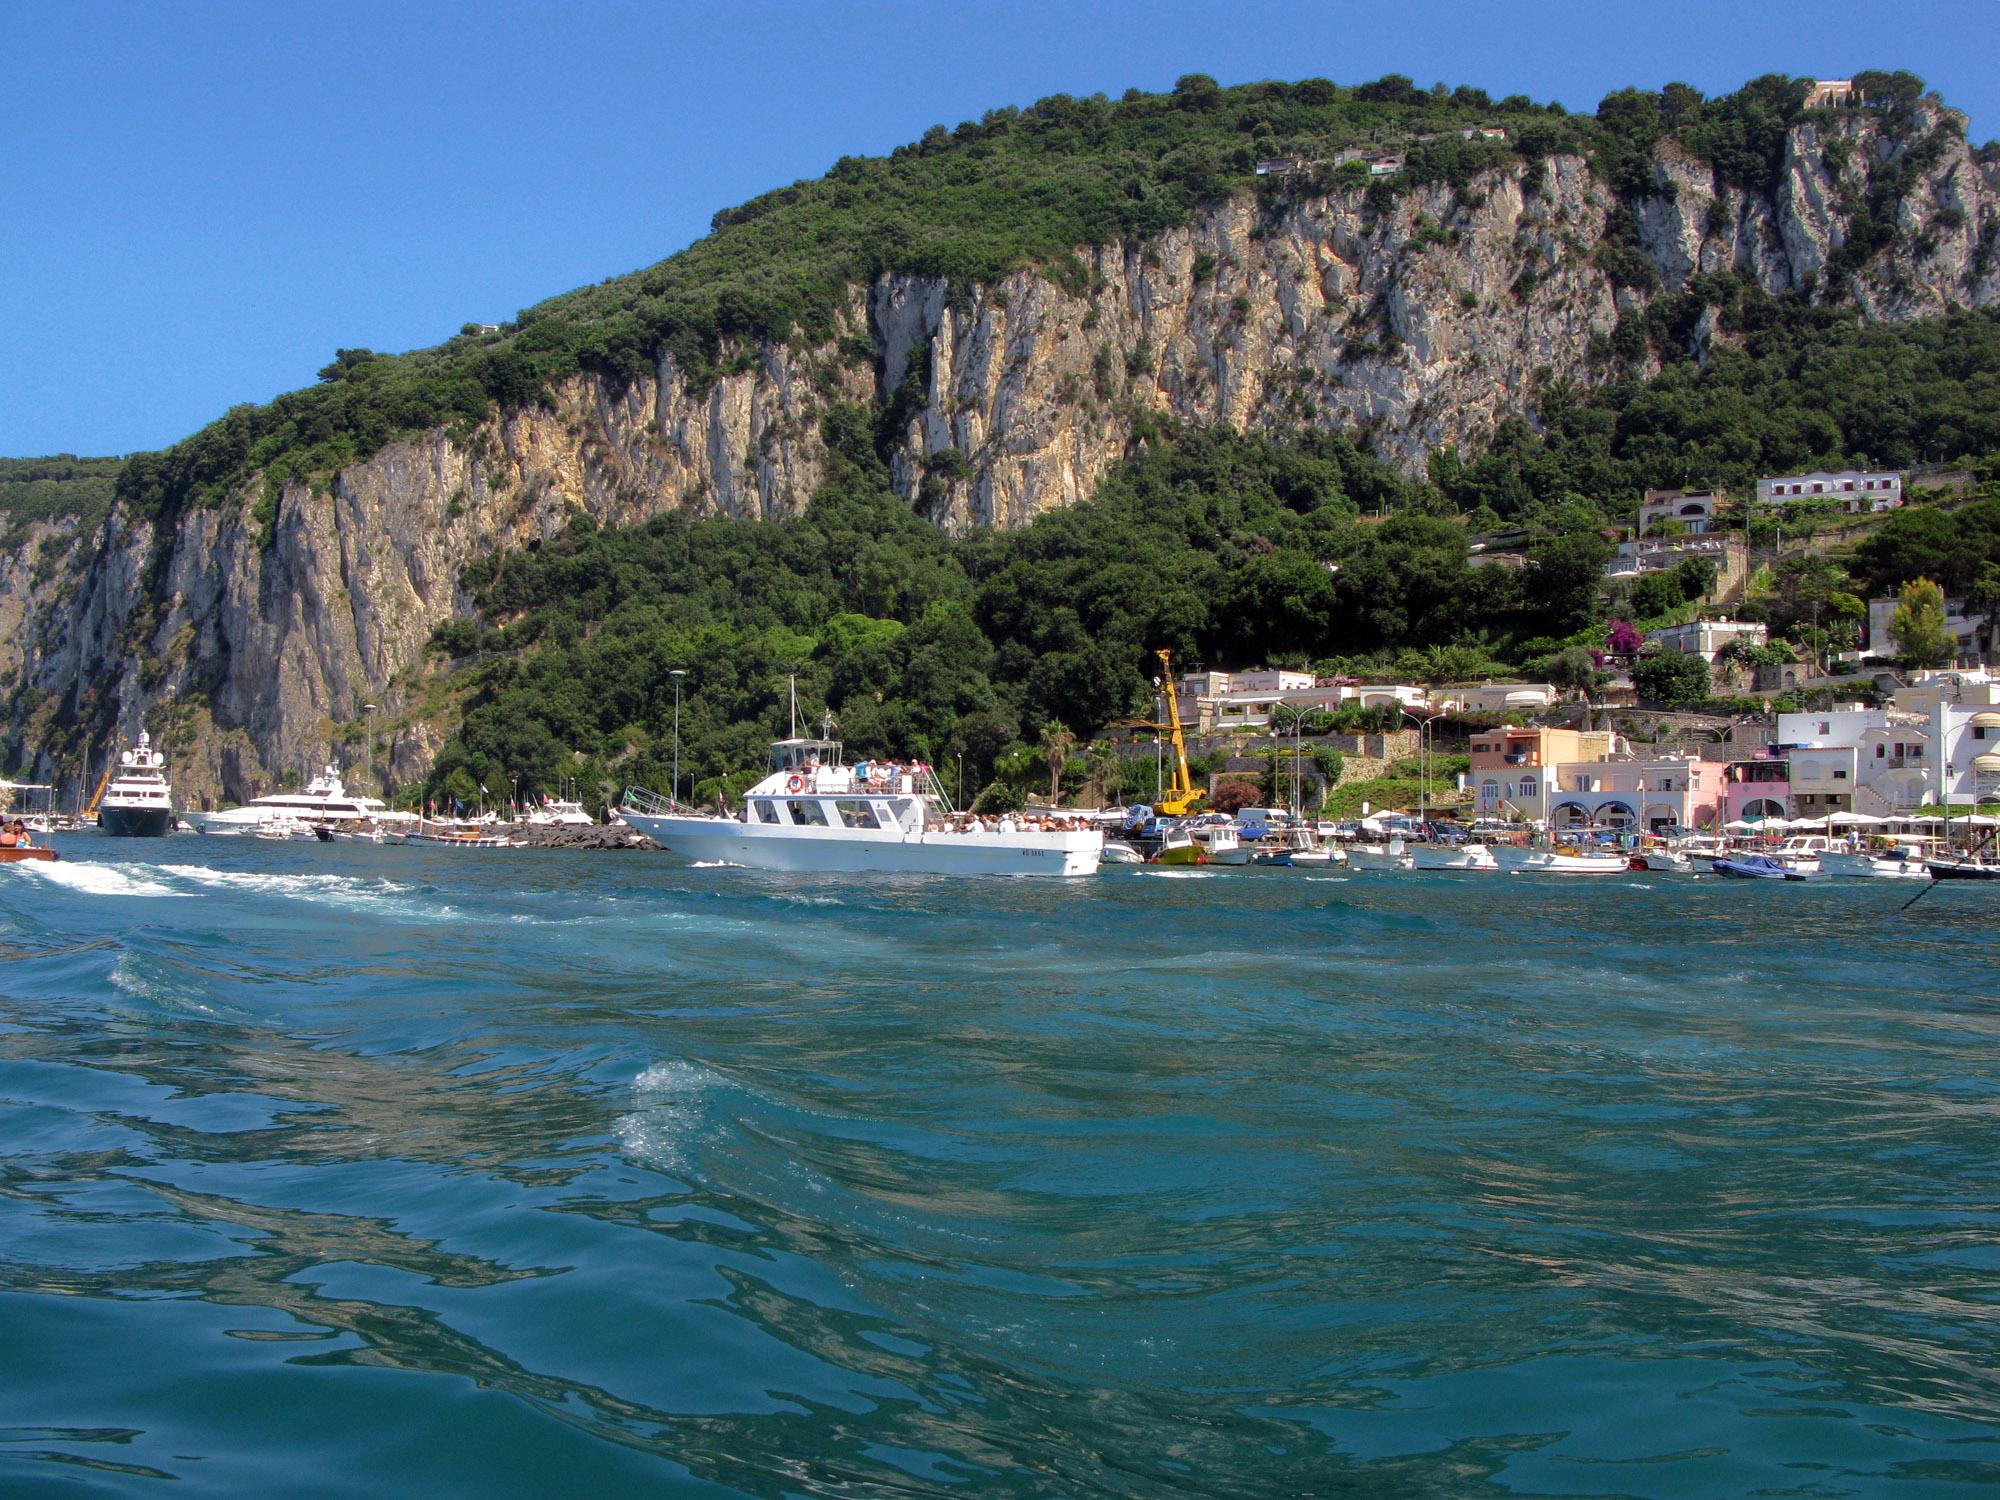 Isle of capri picture of 28 images isle of capri for Isle of capri tours